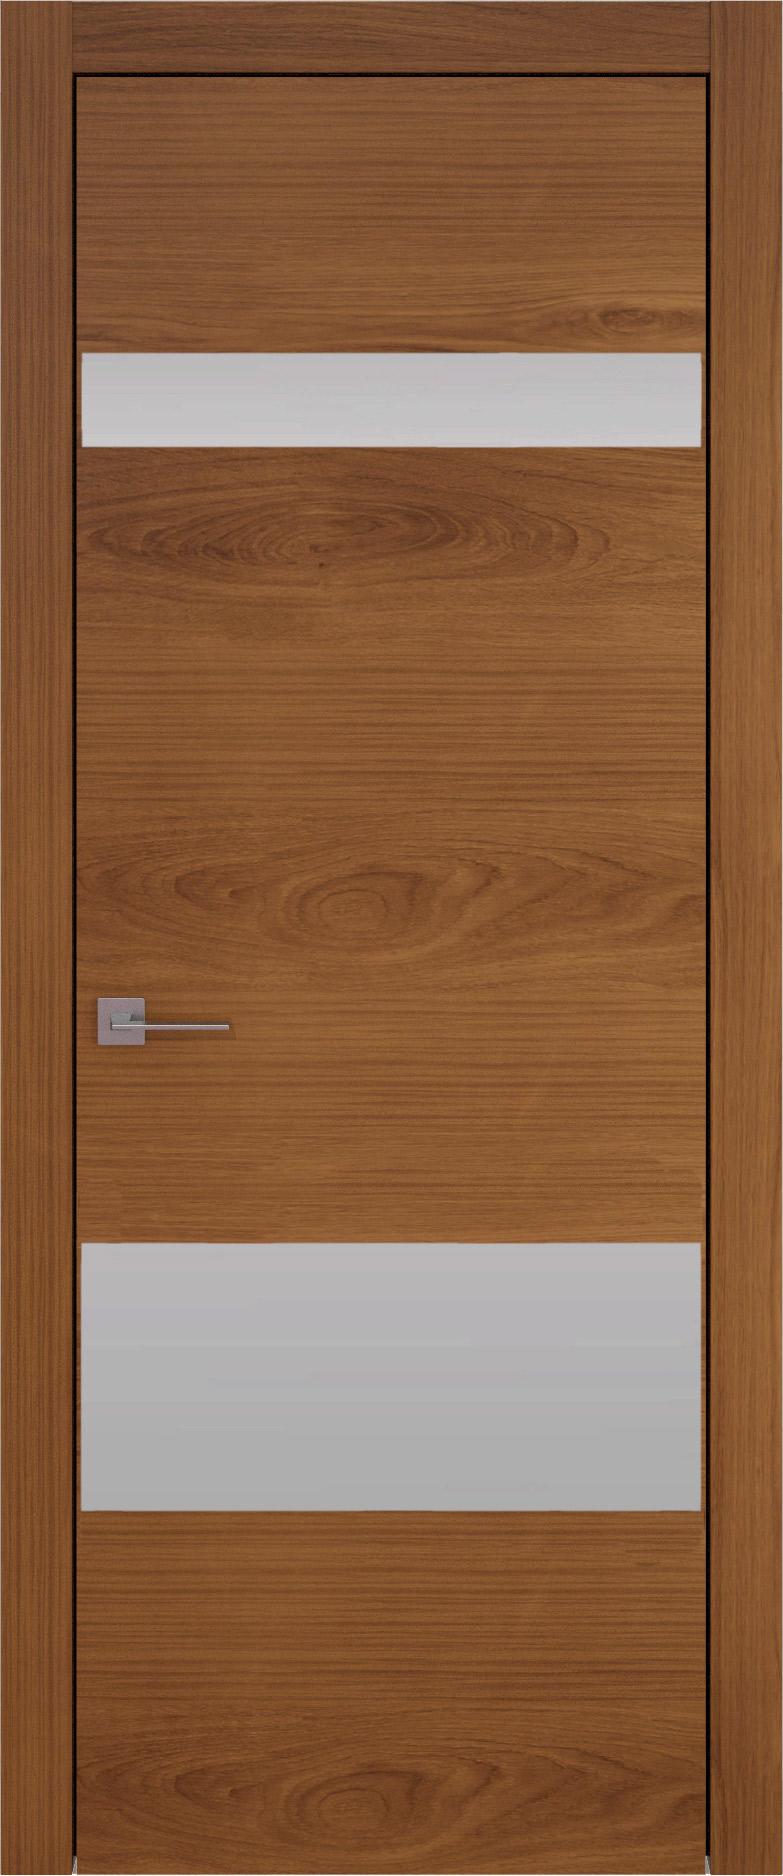 Tivoli К-4 цвет - Итальянский орех Без стекла (ДГ)